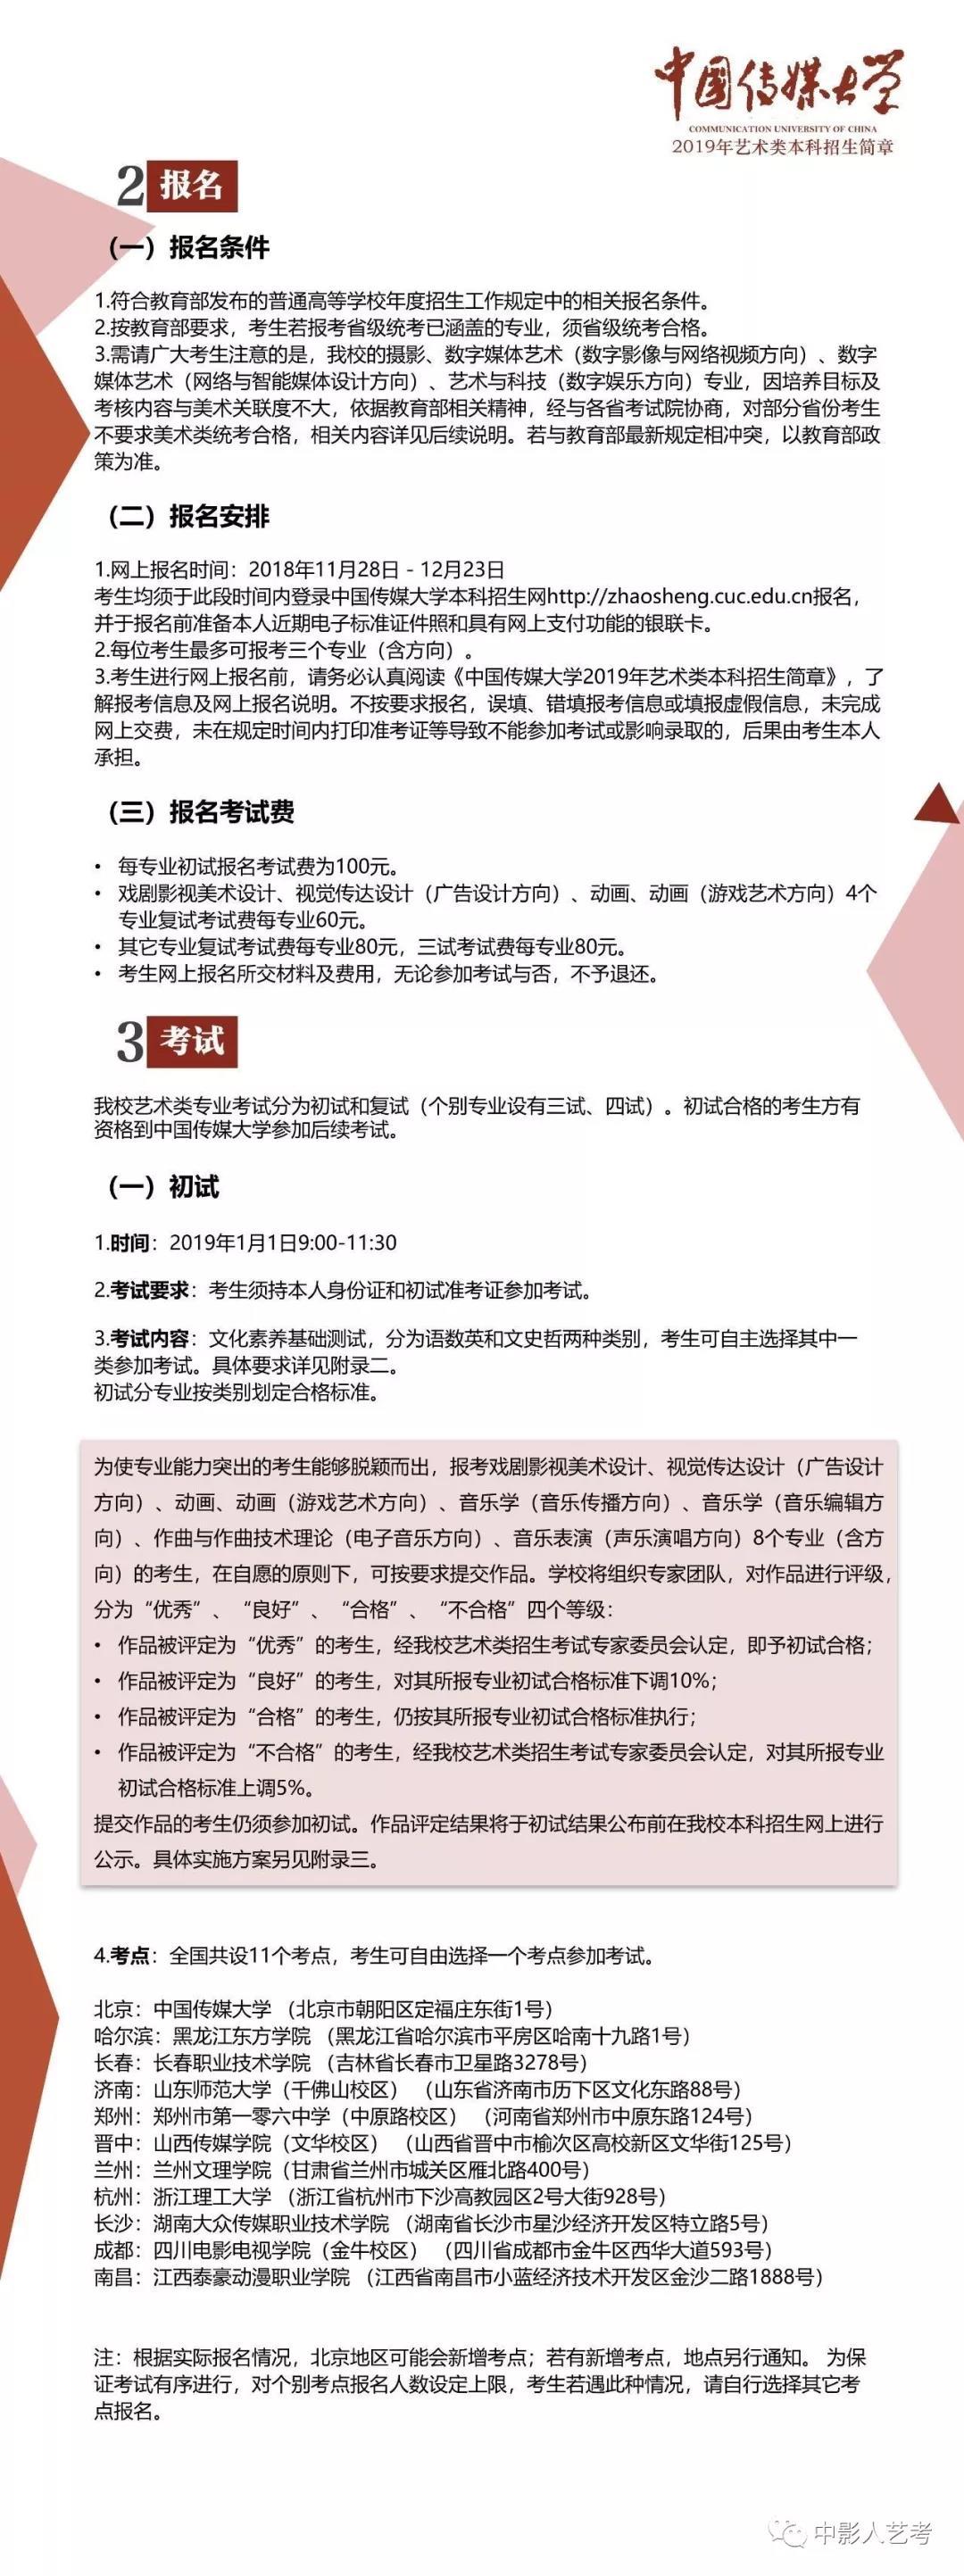 中国传媒大学艺术类本科招生简章2